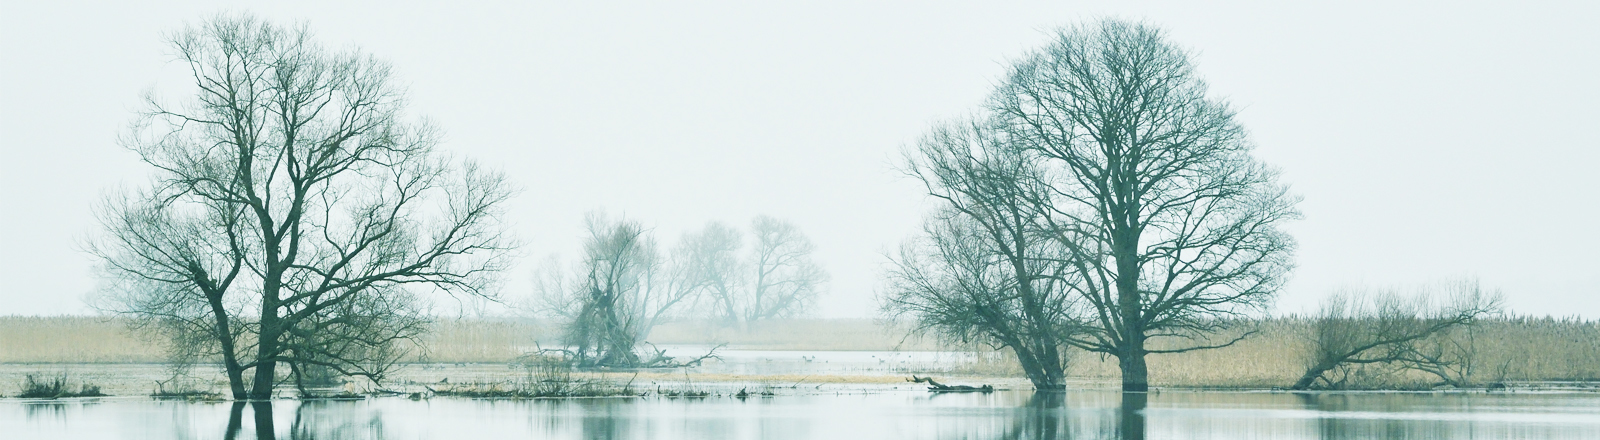 Der Blick auf die Oder im Oderbruch in Brandenburg